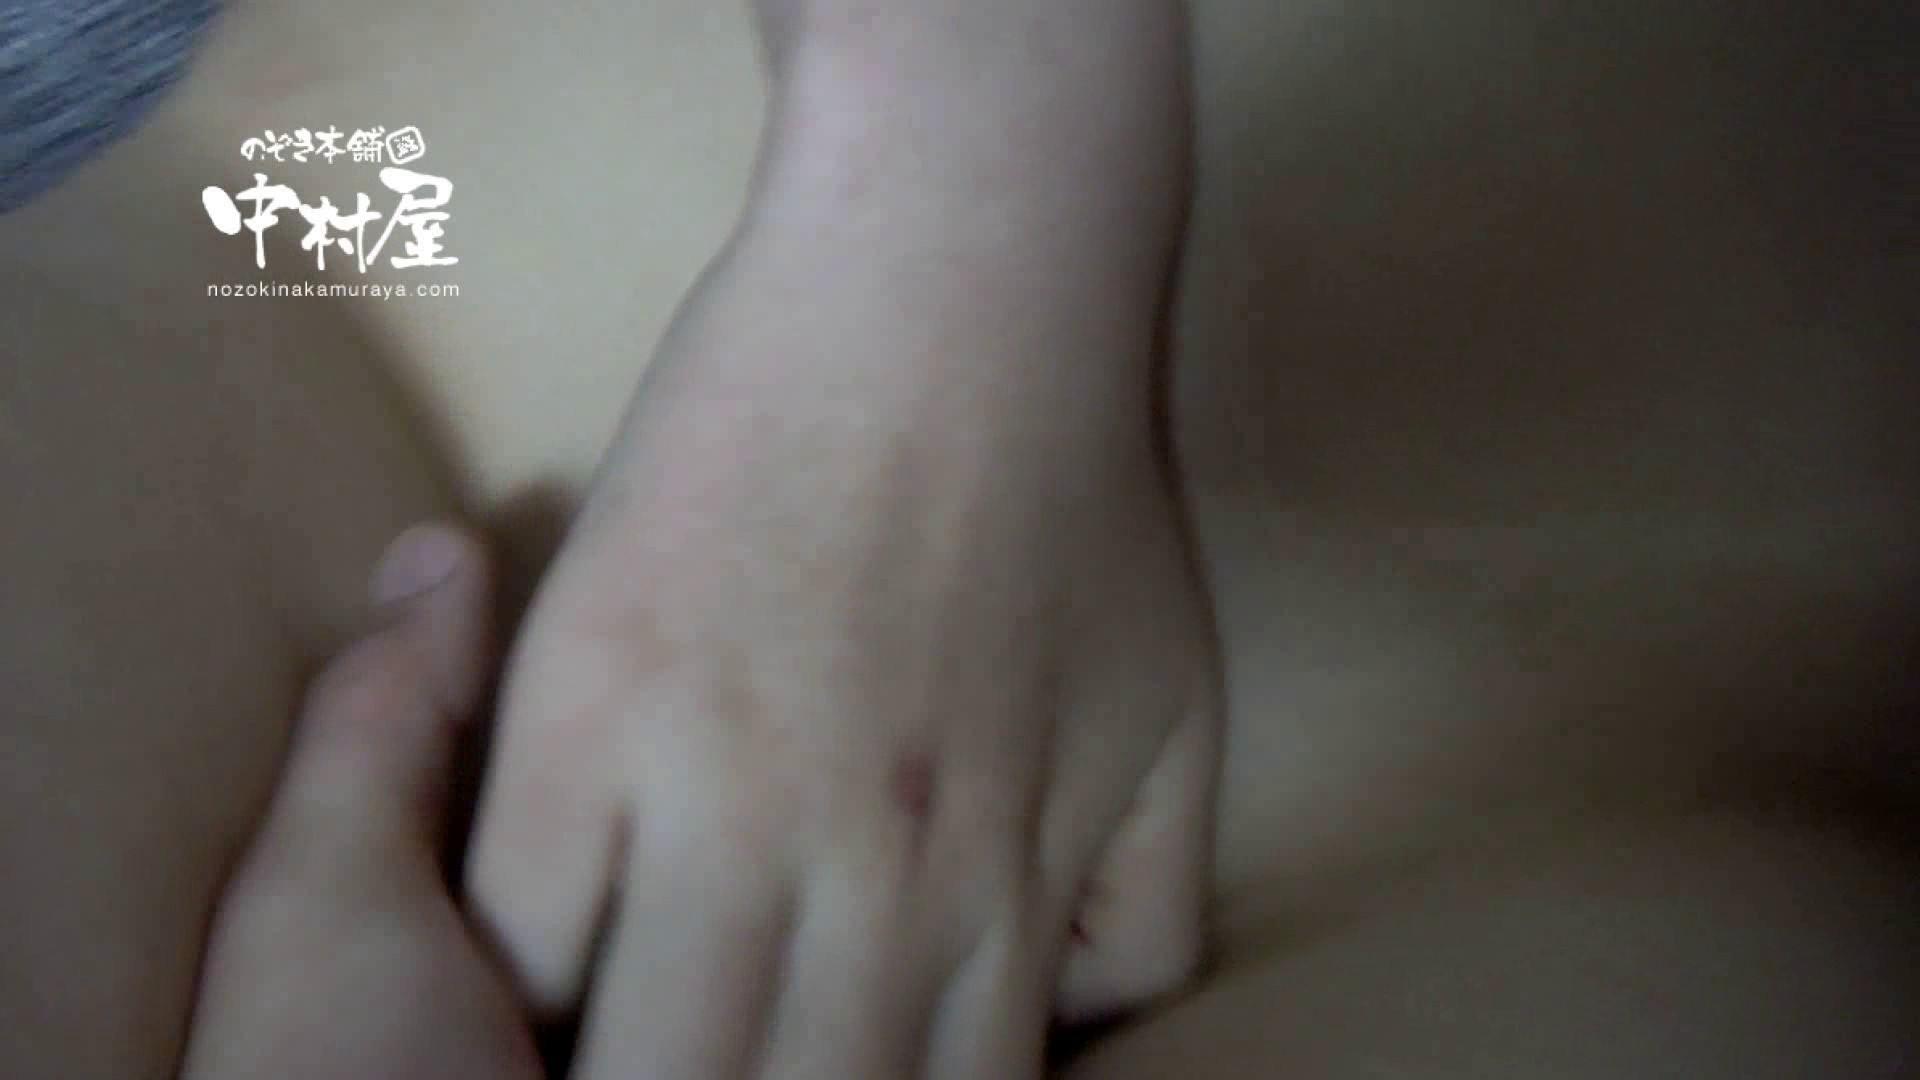 鬼畜 vol.16 実はマンざらでもない柔らかおっぱいちゃん 前編 鬼畜 | OLヌード天国  95PIX 10